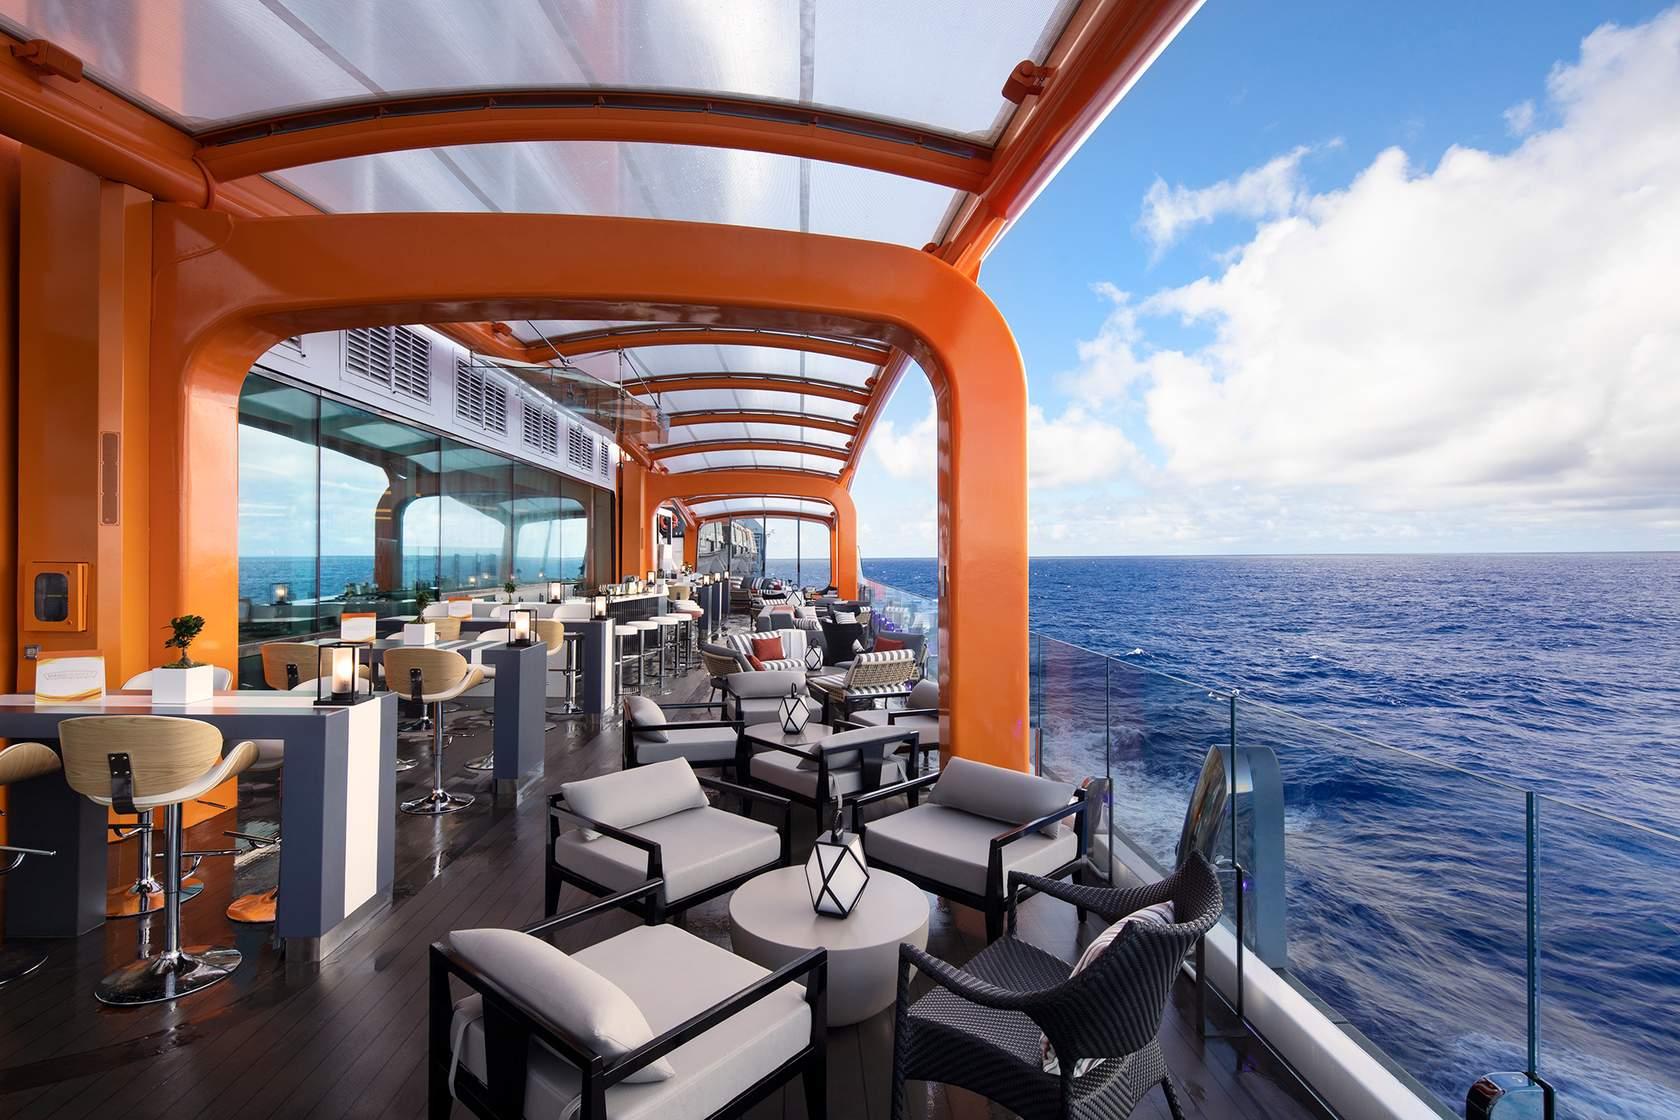 Celebrity Cruises Magic Carpet